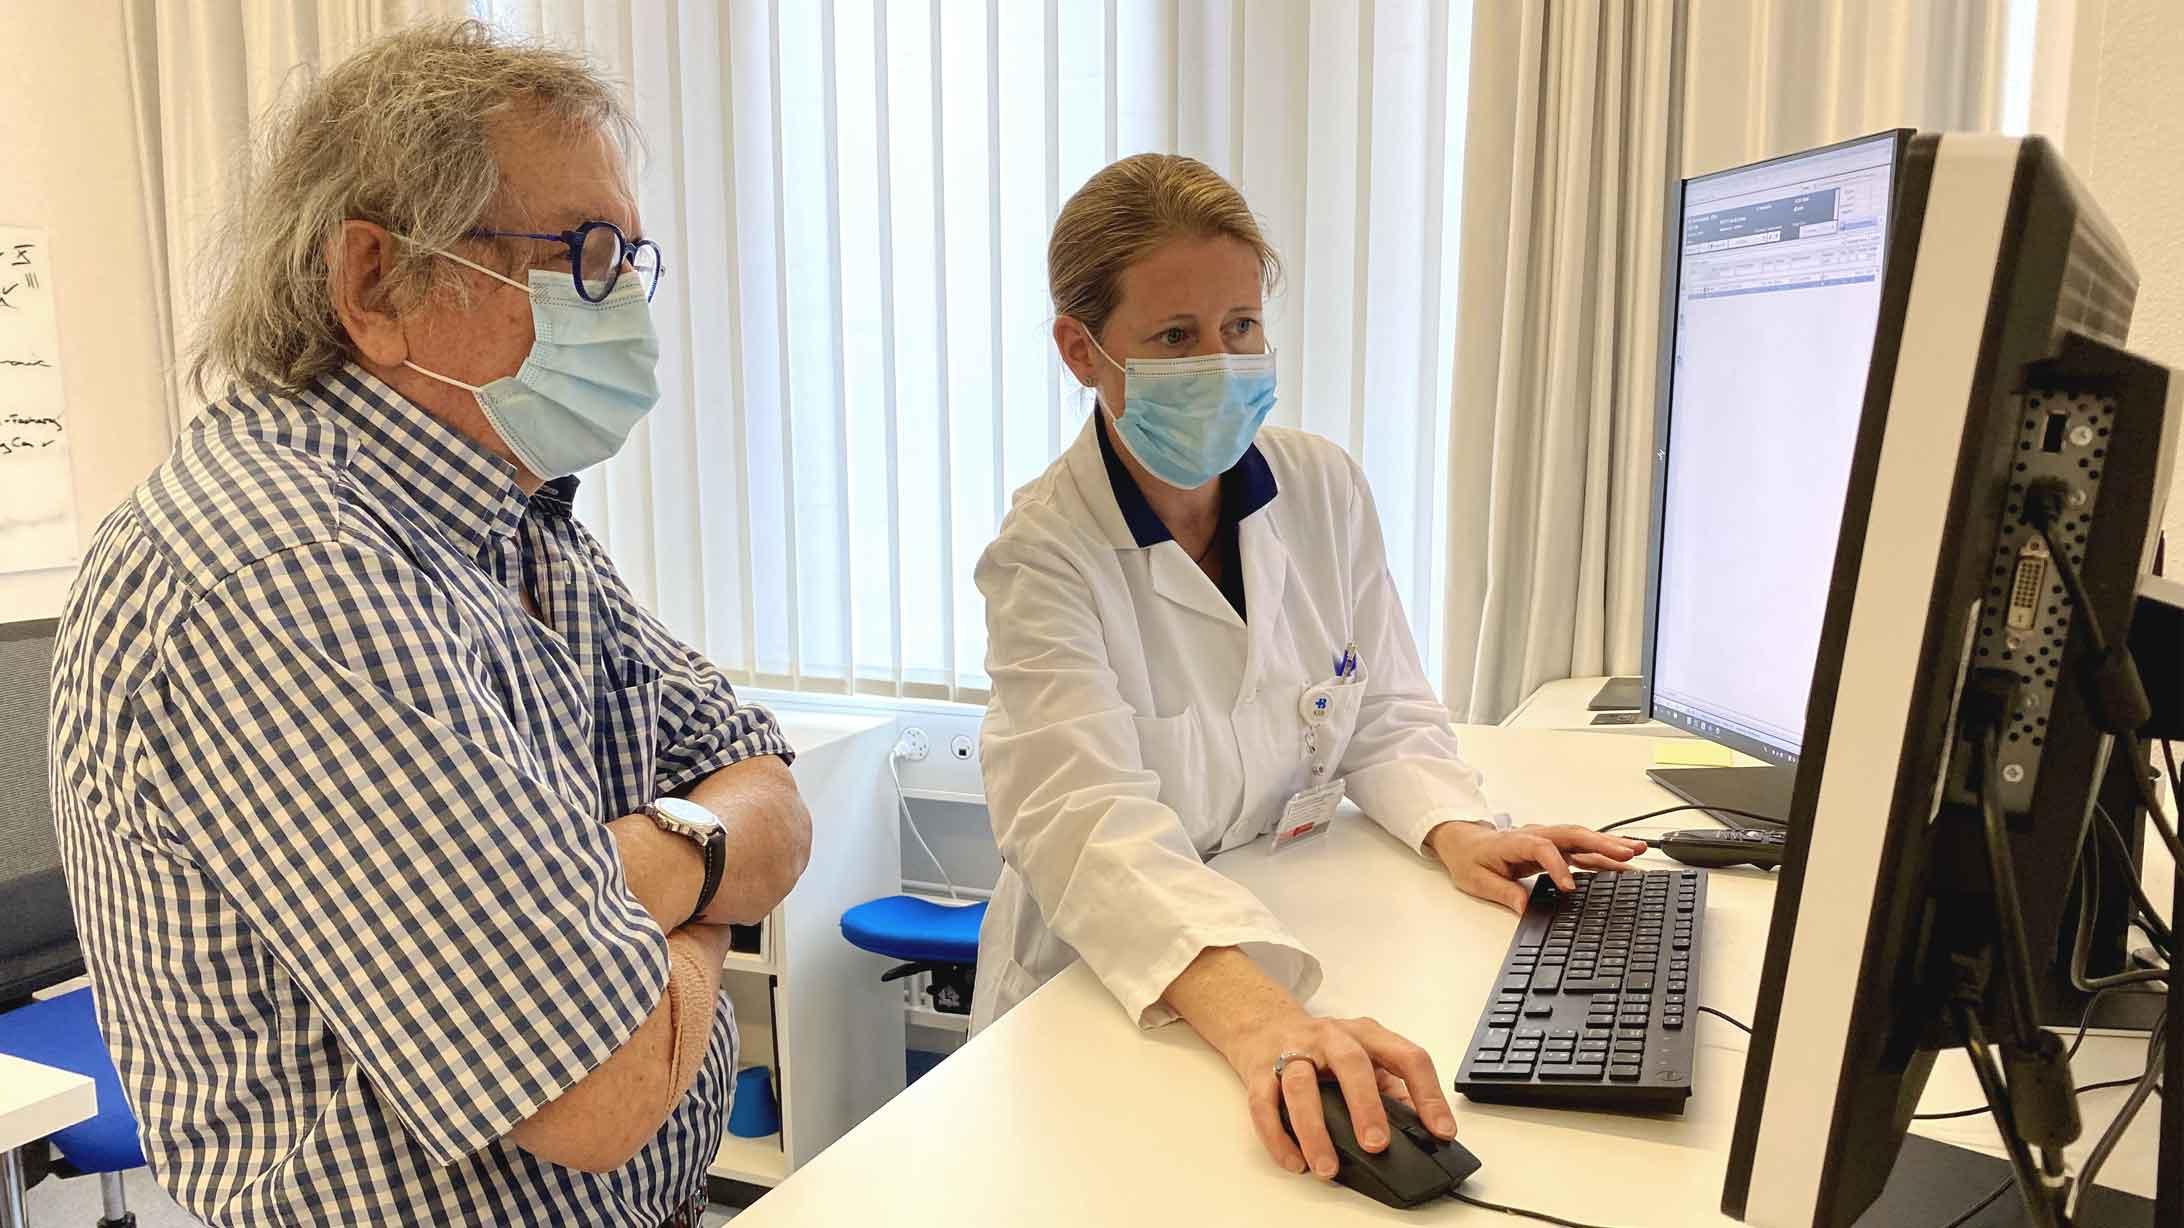 Irene Burger, Chefärztin Nuklearmedizin, im Gespräch mit dem Patienten